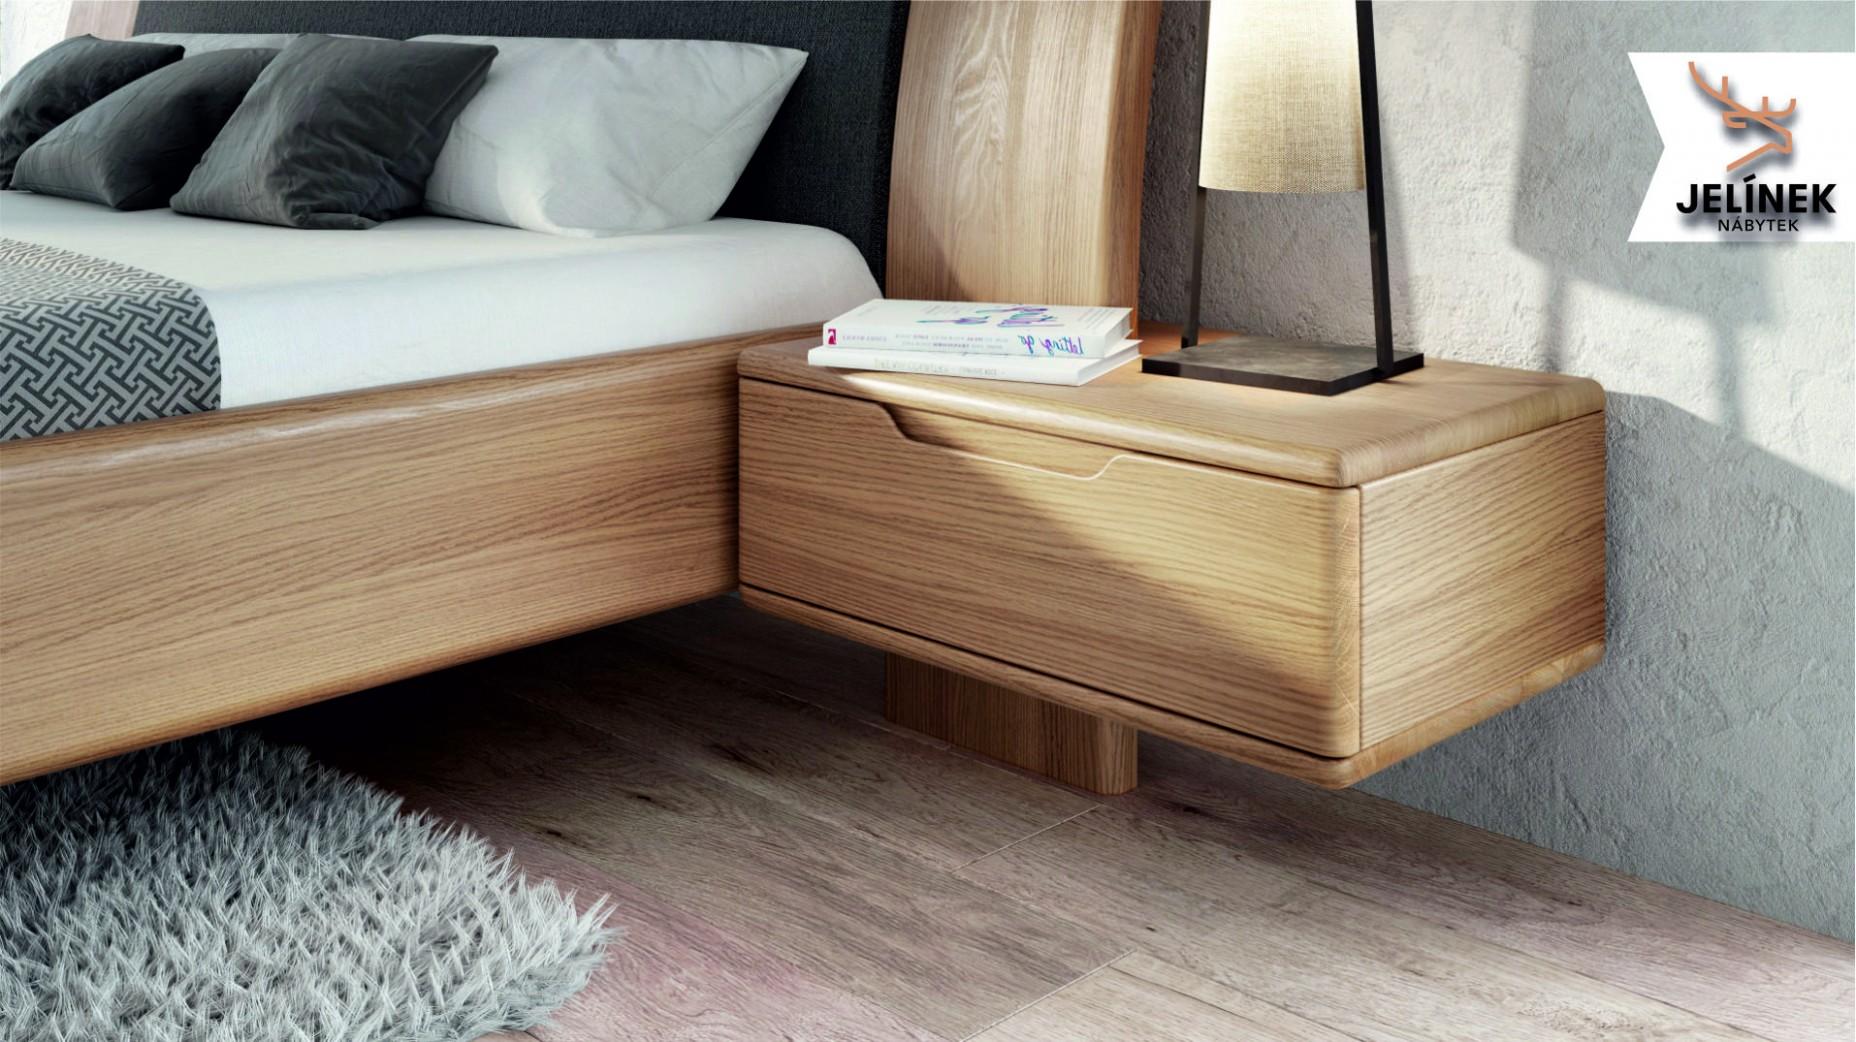 Ložnice FLABO postel, noční stolek, komoda, skříň